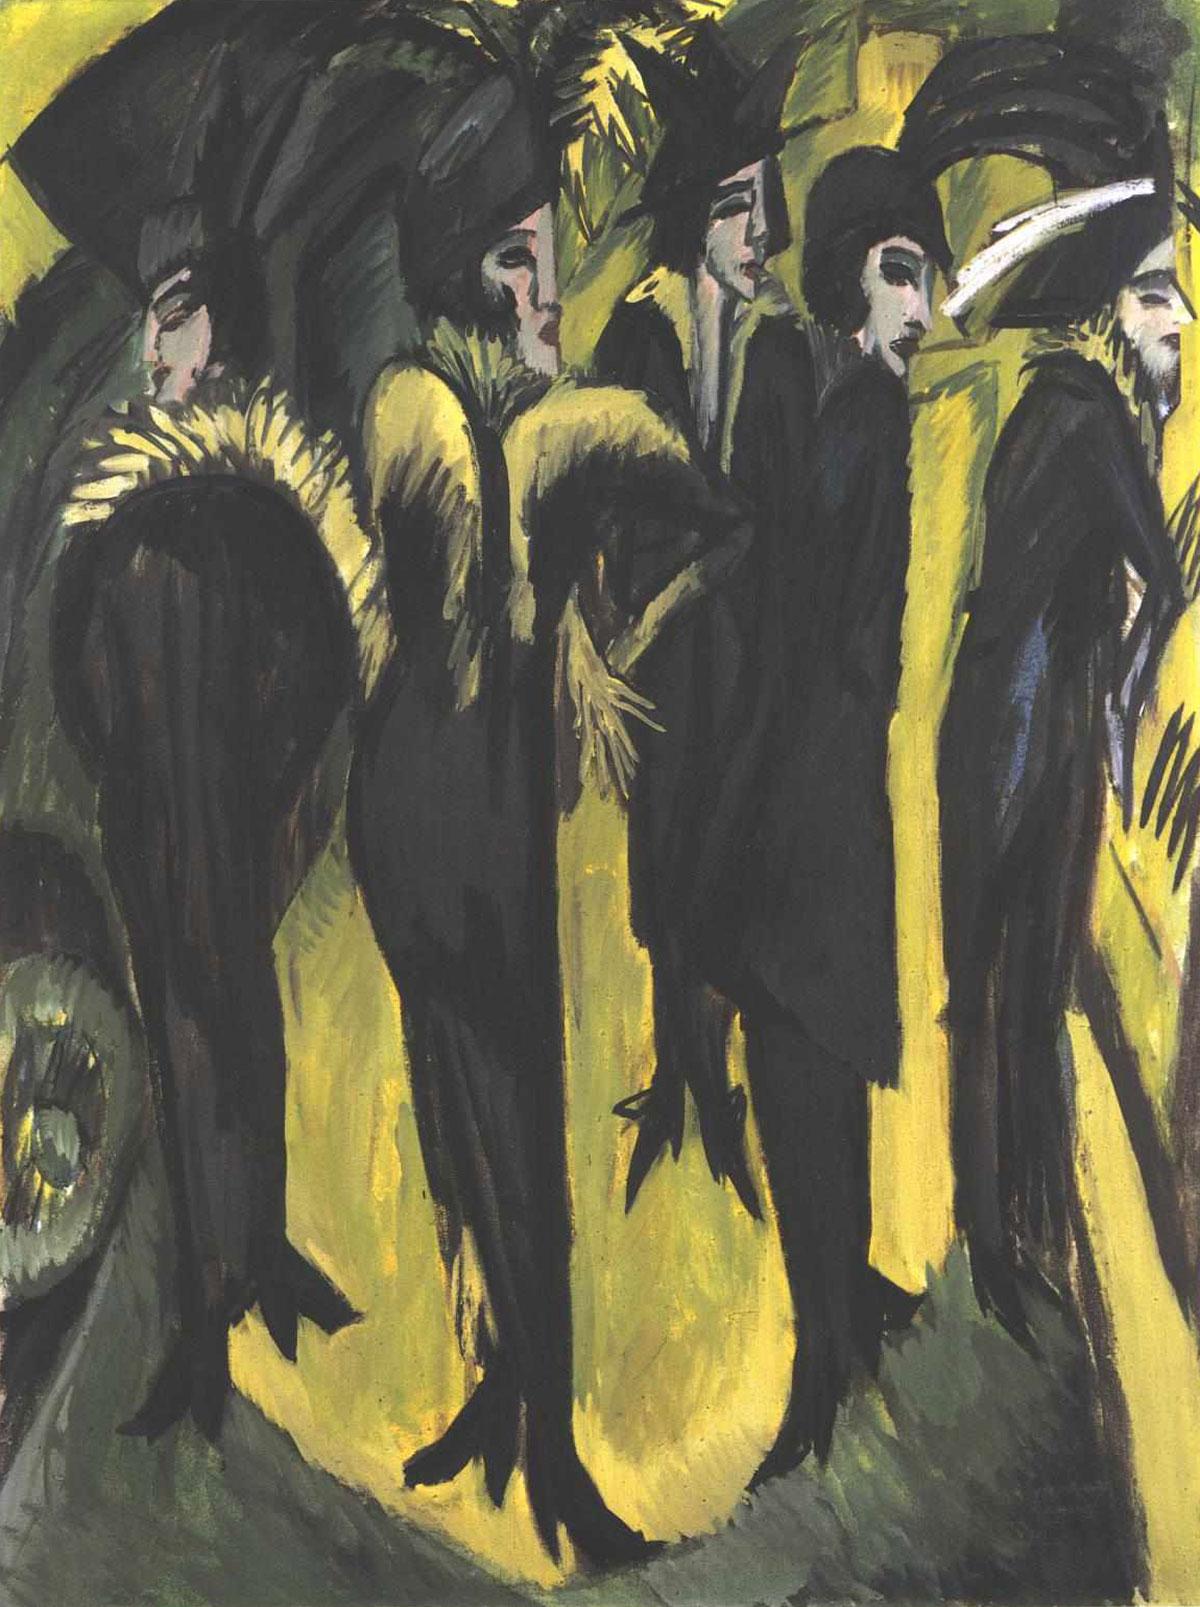 Five women at the street /Fünf frauen auf der straße/ + Kirchner, Ernst Ludwig *magnifico